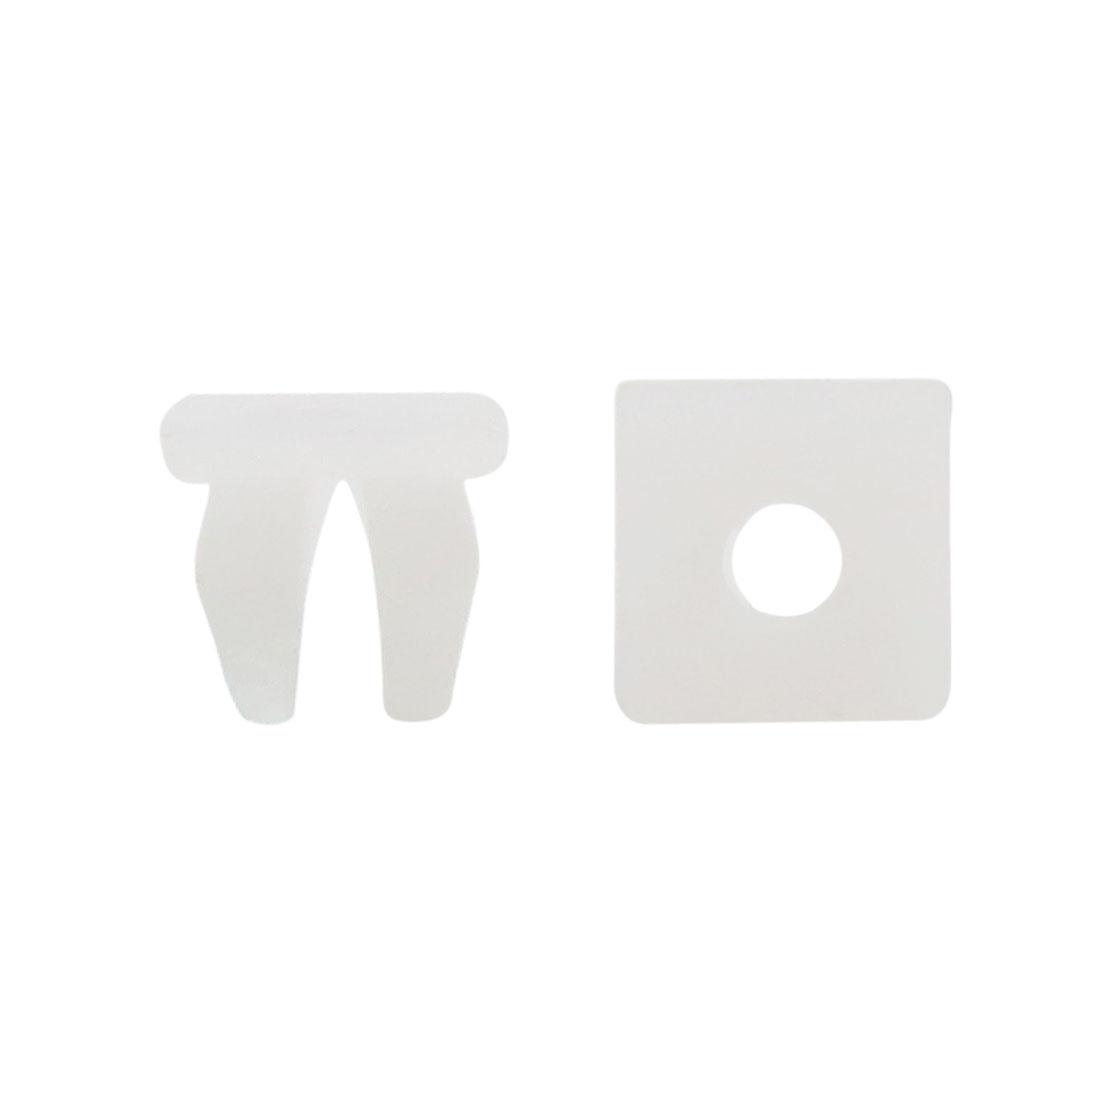 100 Pcs White Auto Door Plastic Rivet Fastener Retainer Clip for 9mmx 8mm Hole